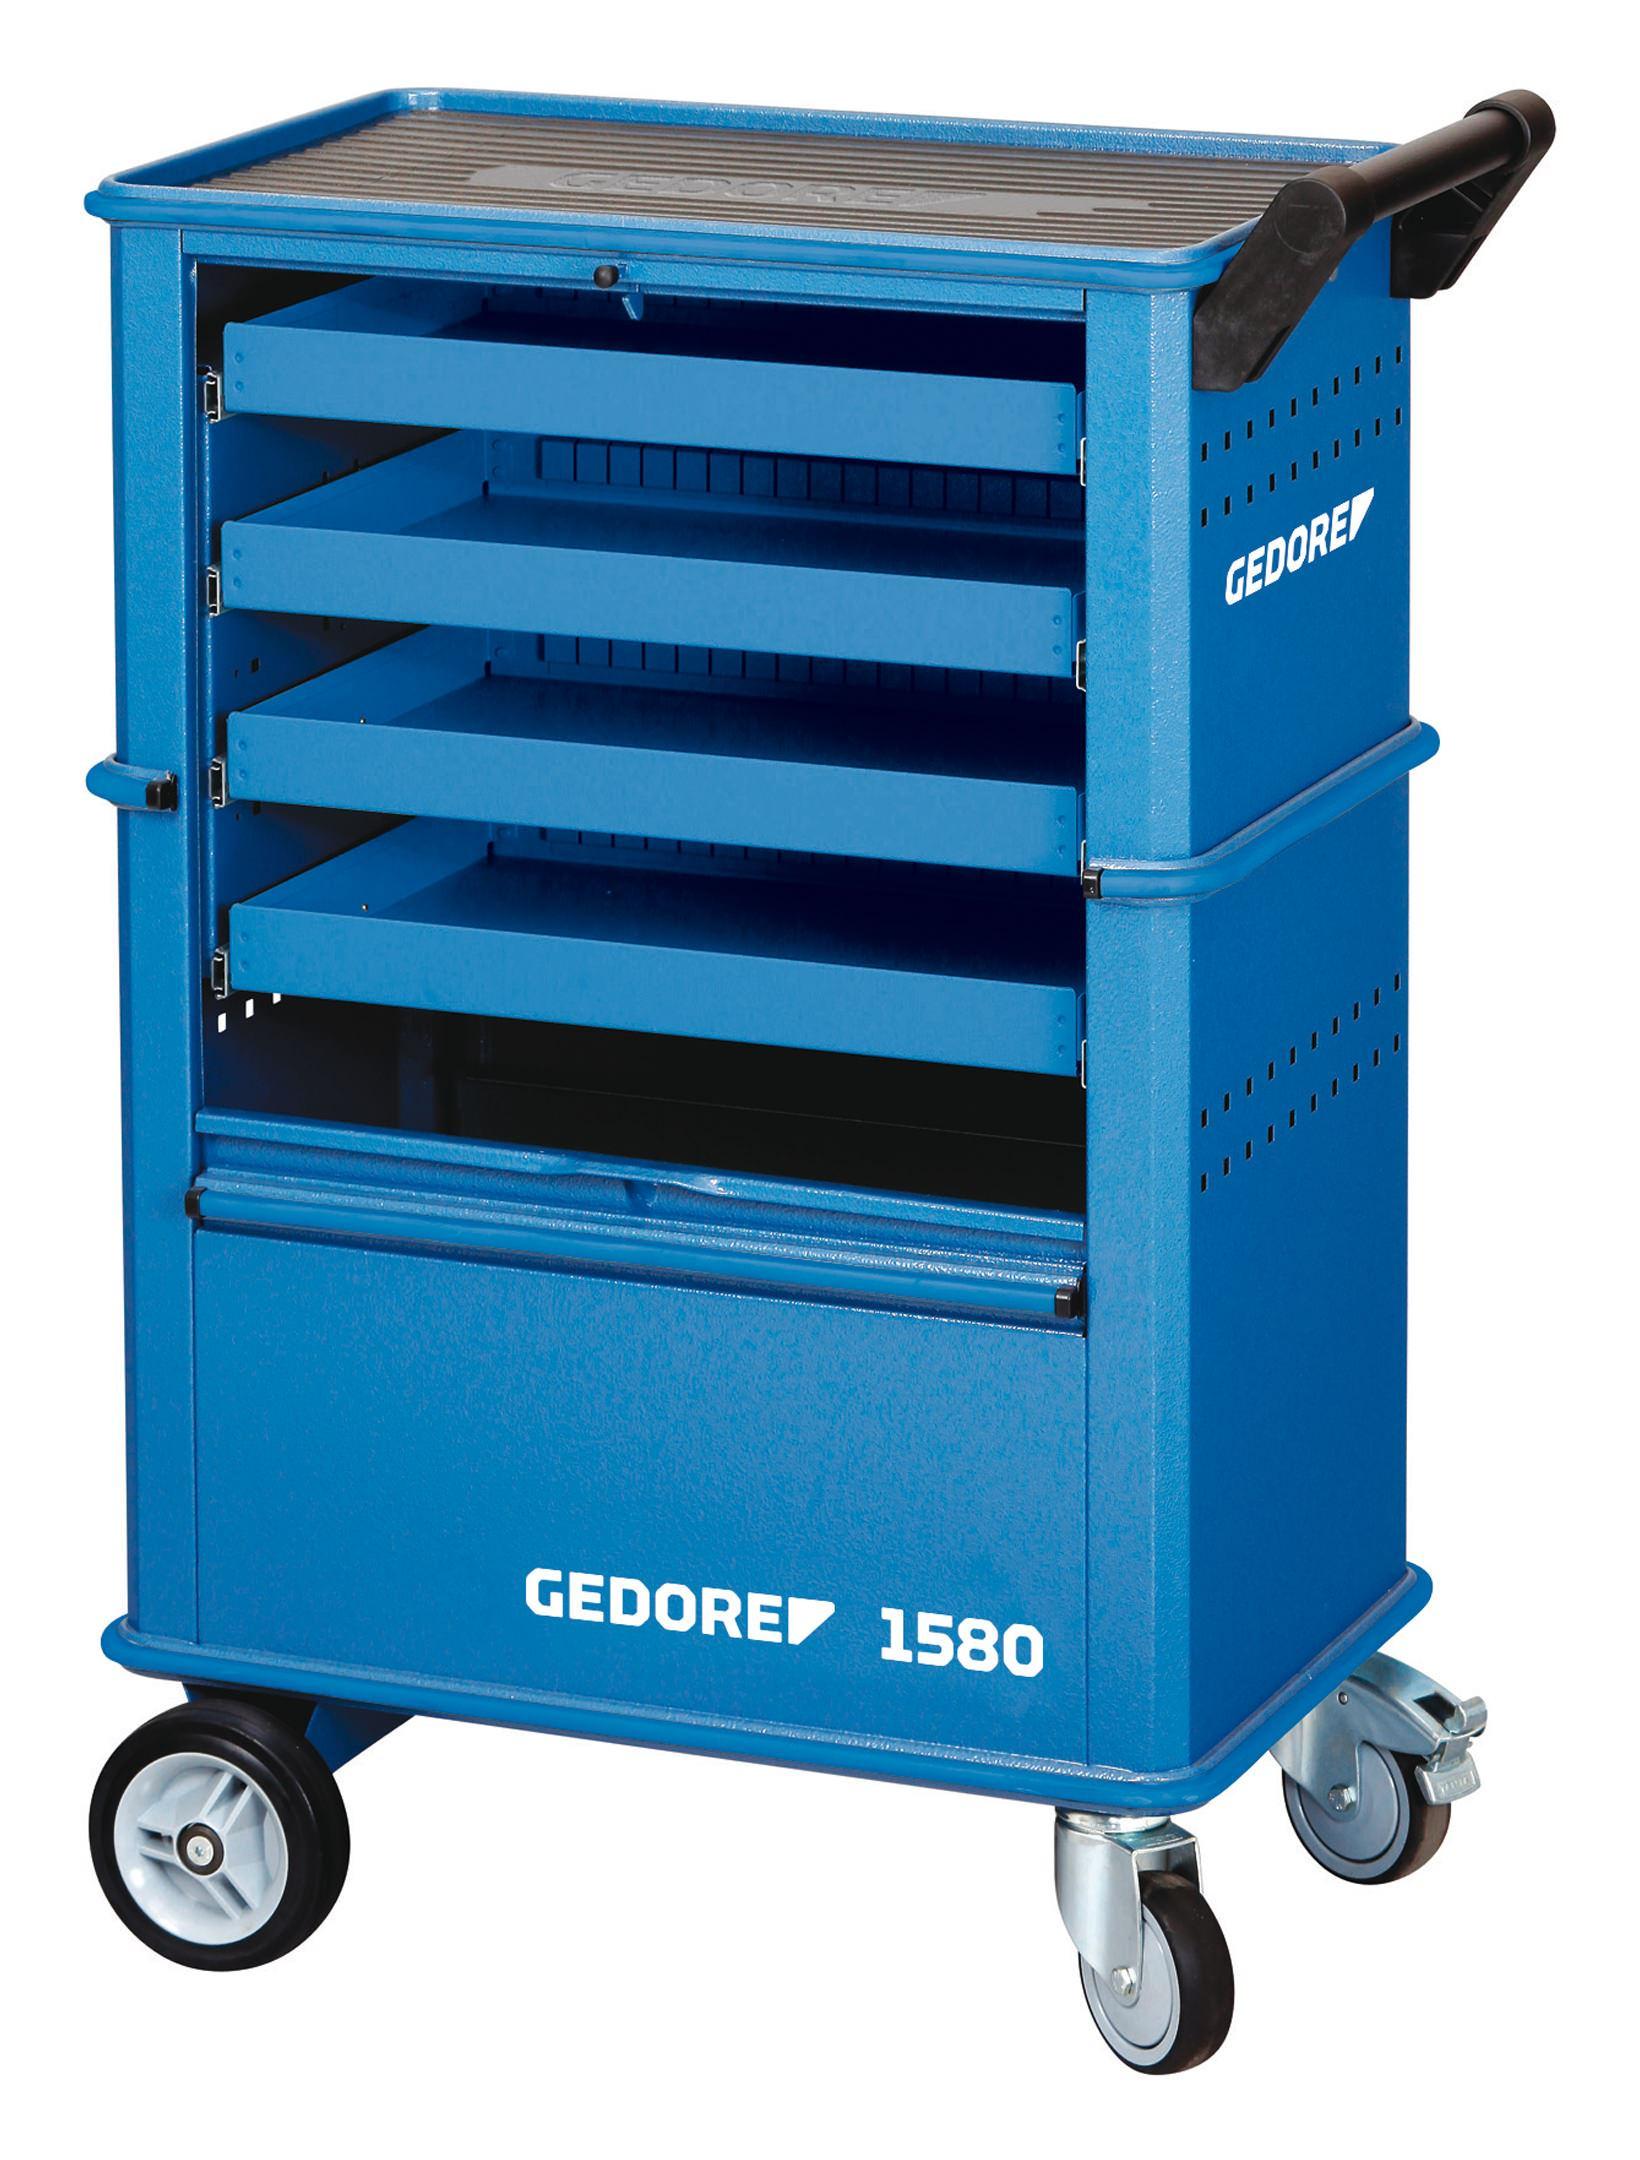 Werkzeugwagen 1580 625 x 400 x 930mm 4SL - 6627550